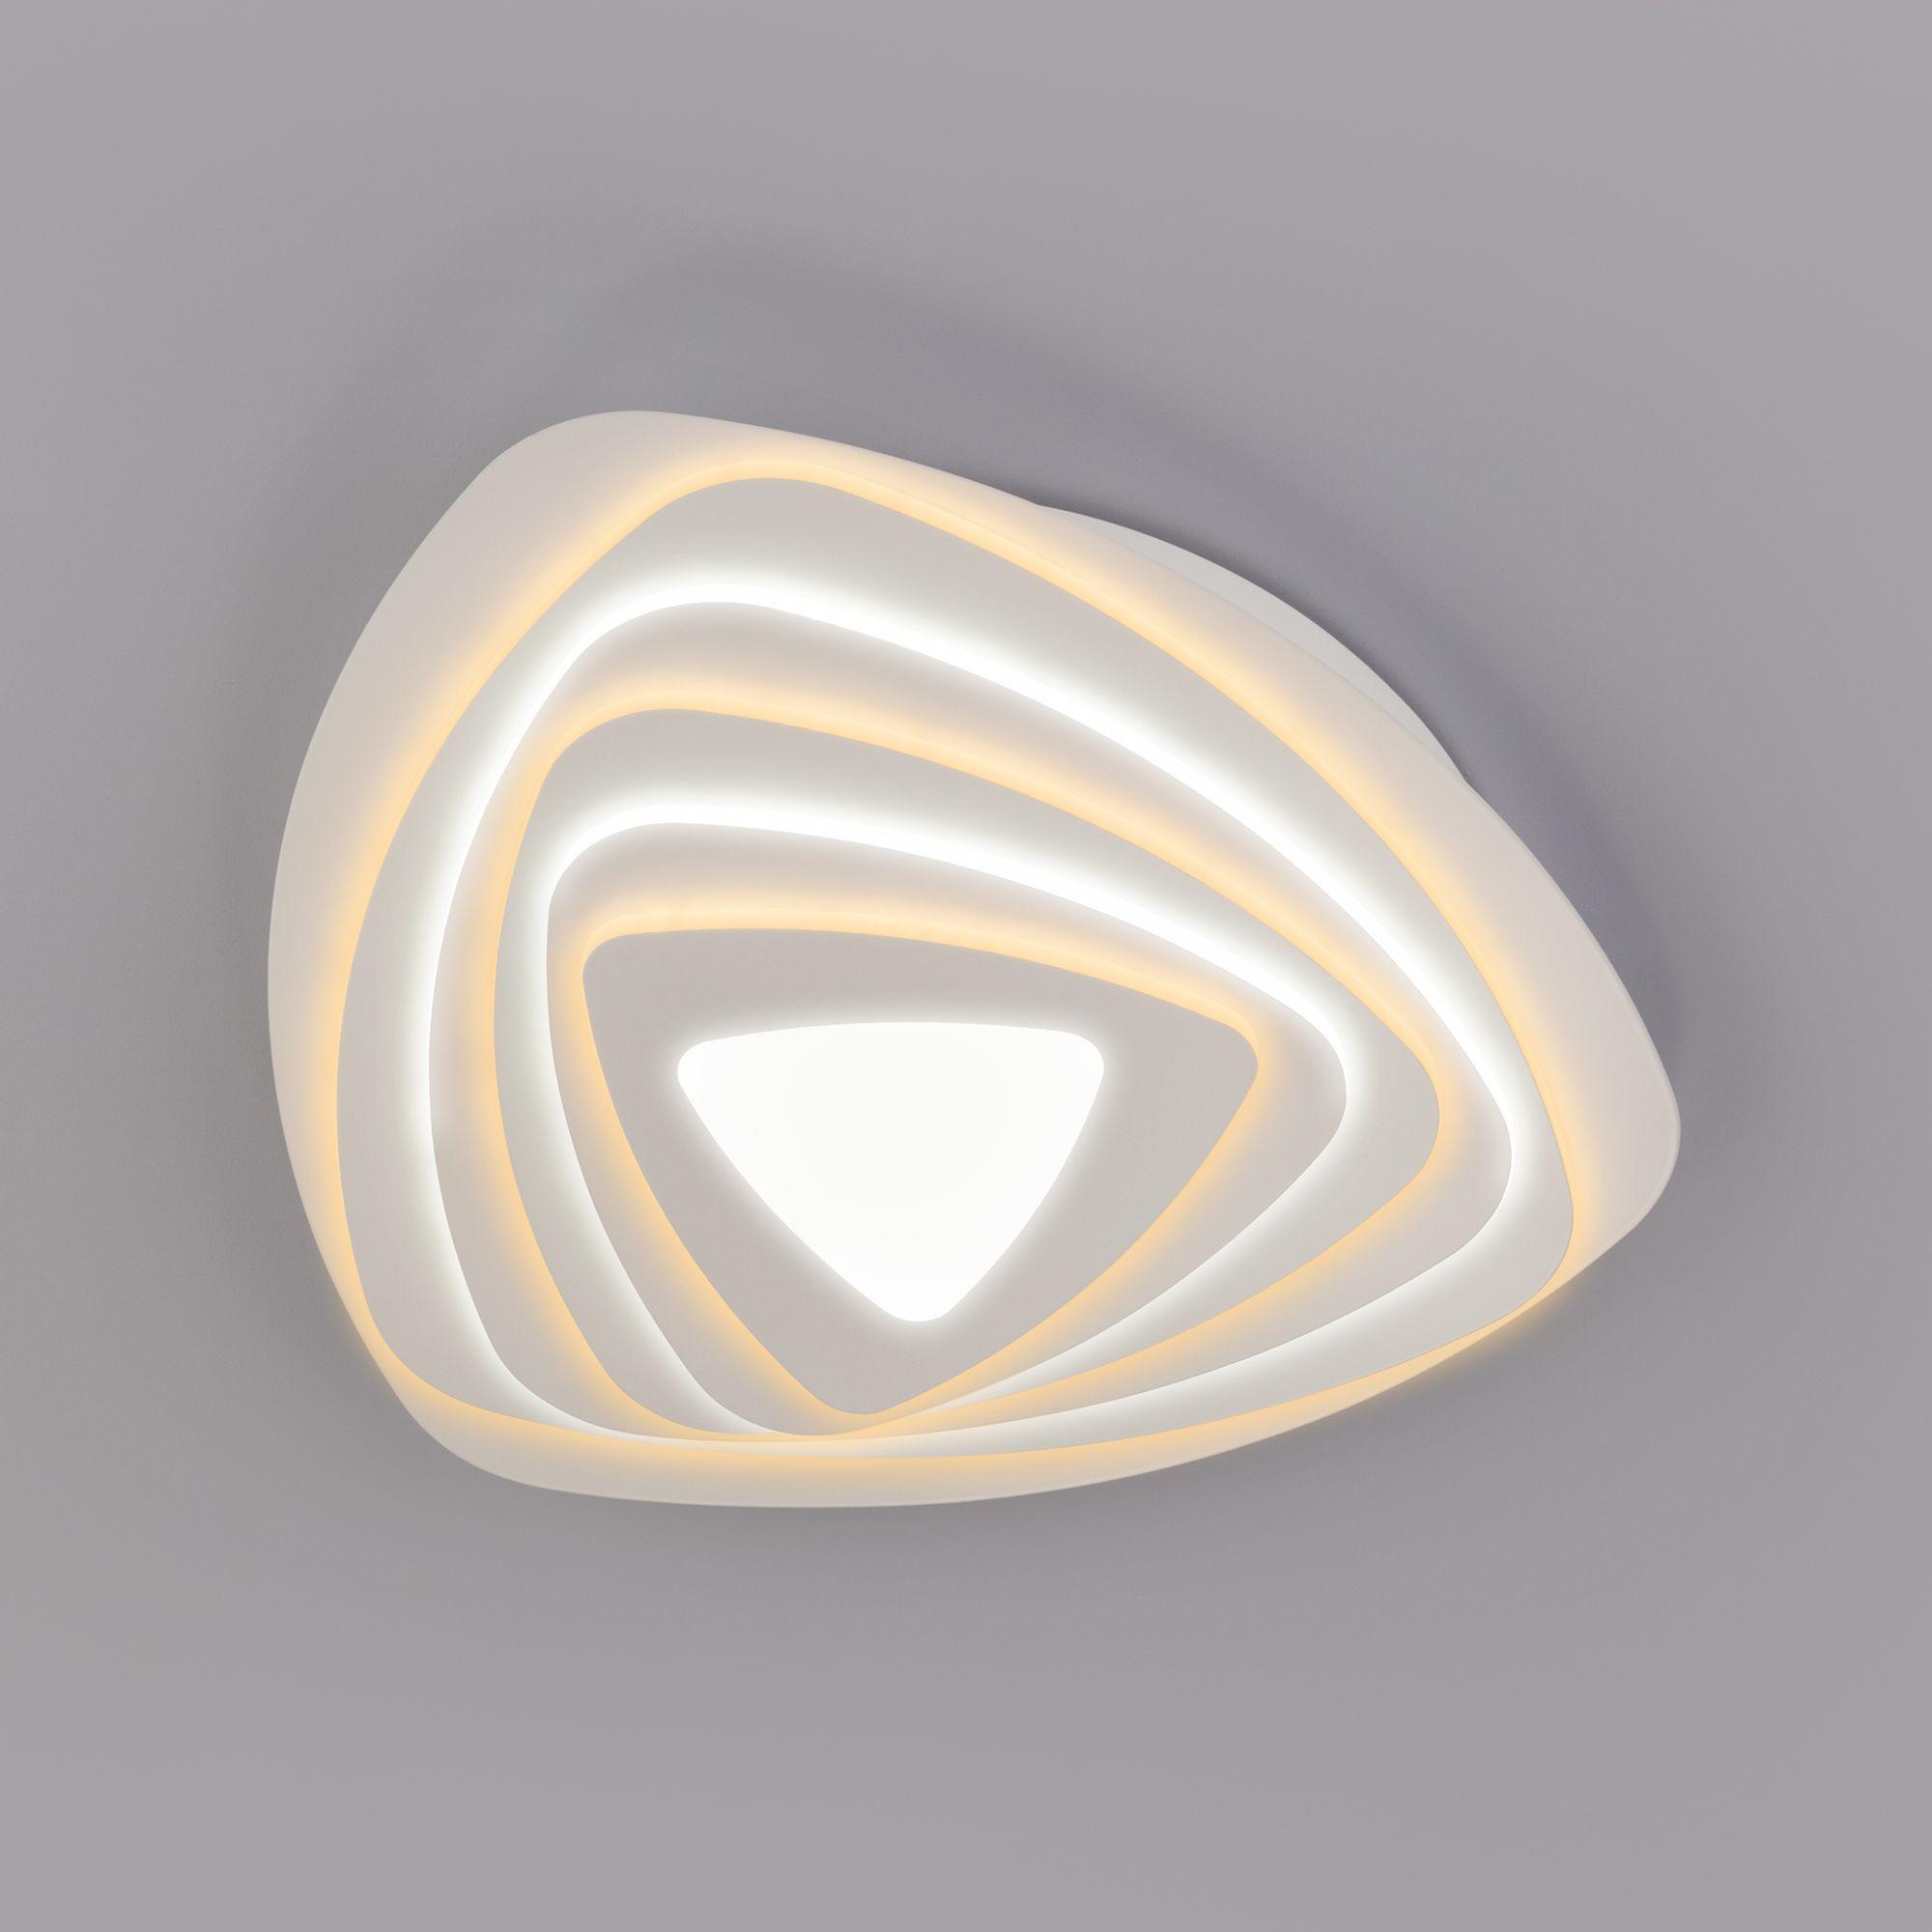 Светодиодный потолочный светильник с пультом управления 90150/6 белый